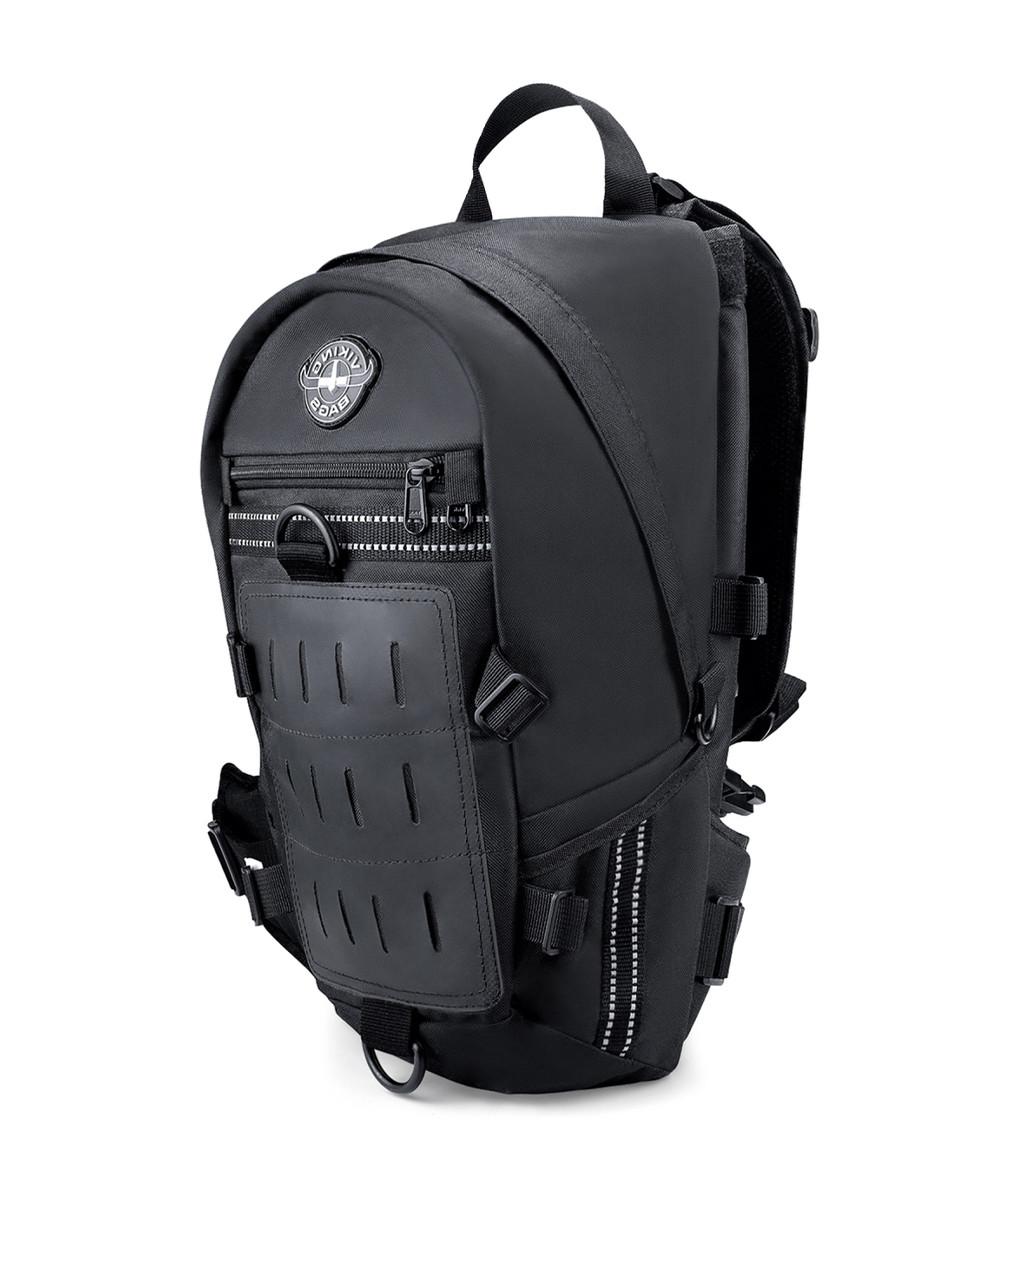 VikingBags Dirtman Medium Black Triumph Motorcycle Backpack Main Bag View